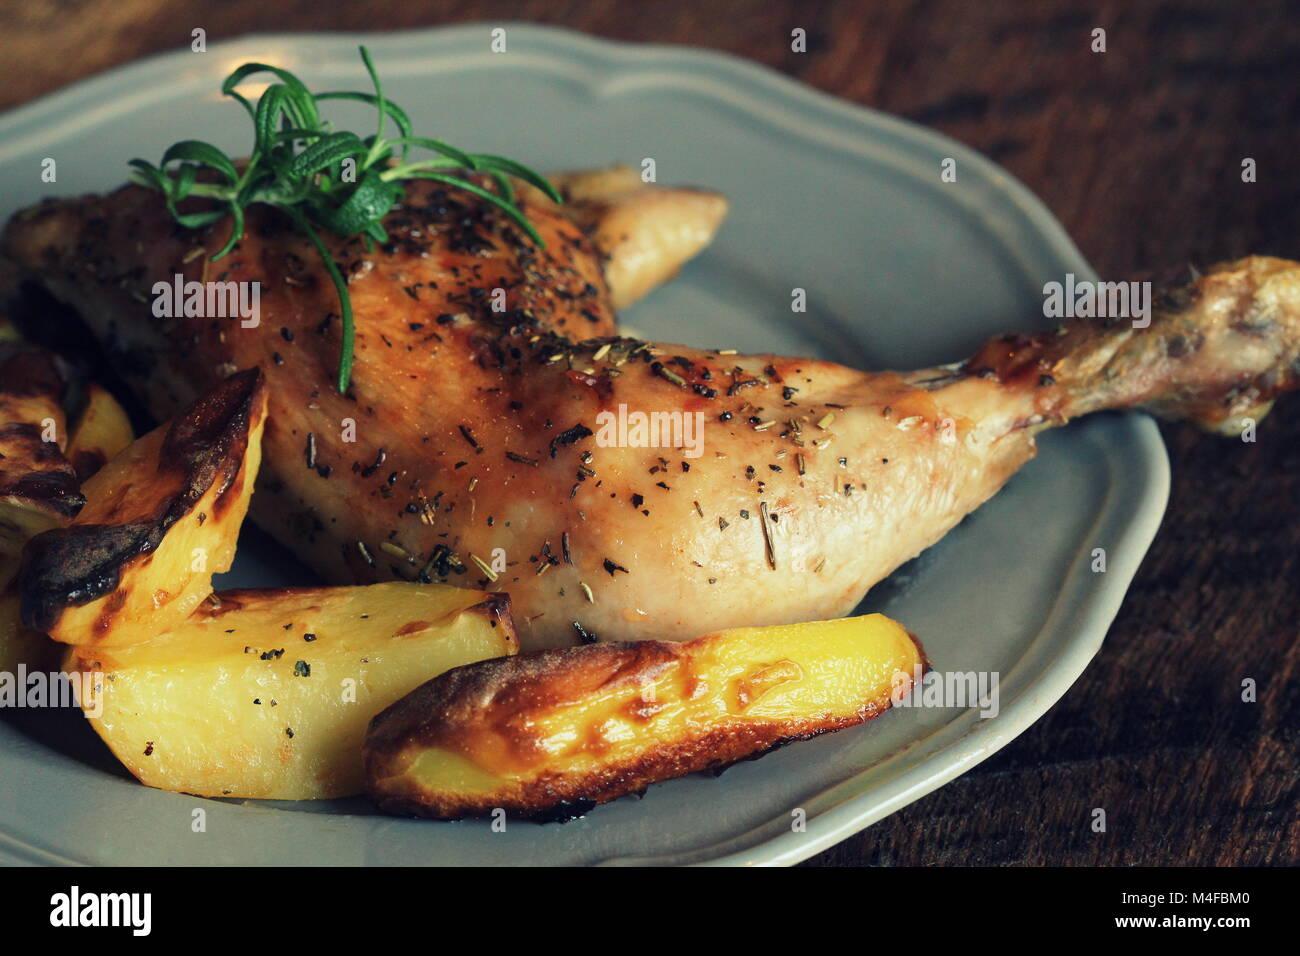 Pierna de pollo asado con patatas, un cuarto para decorar. Vista ...